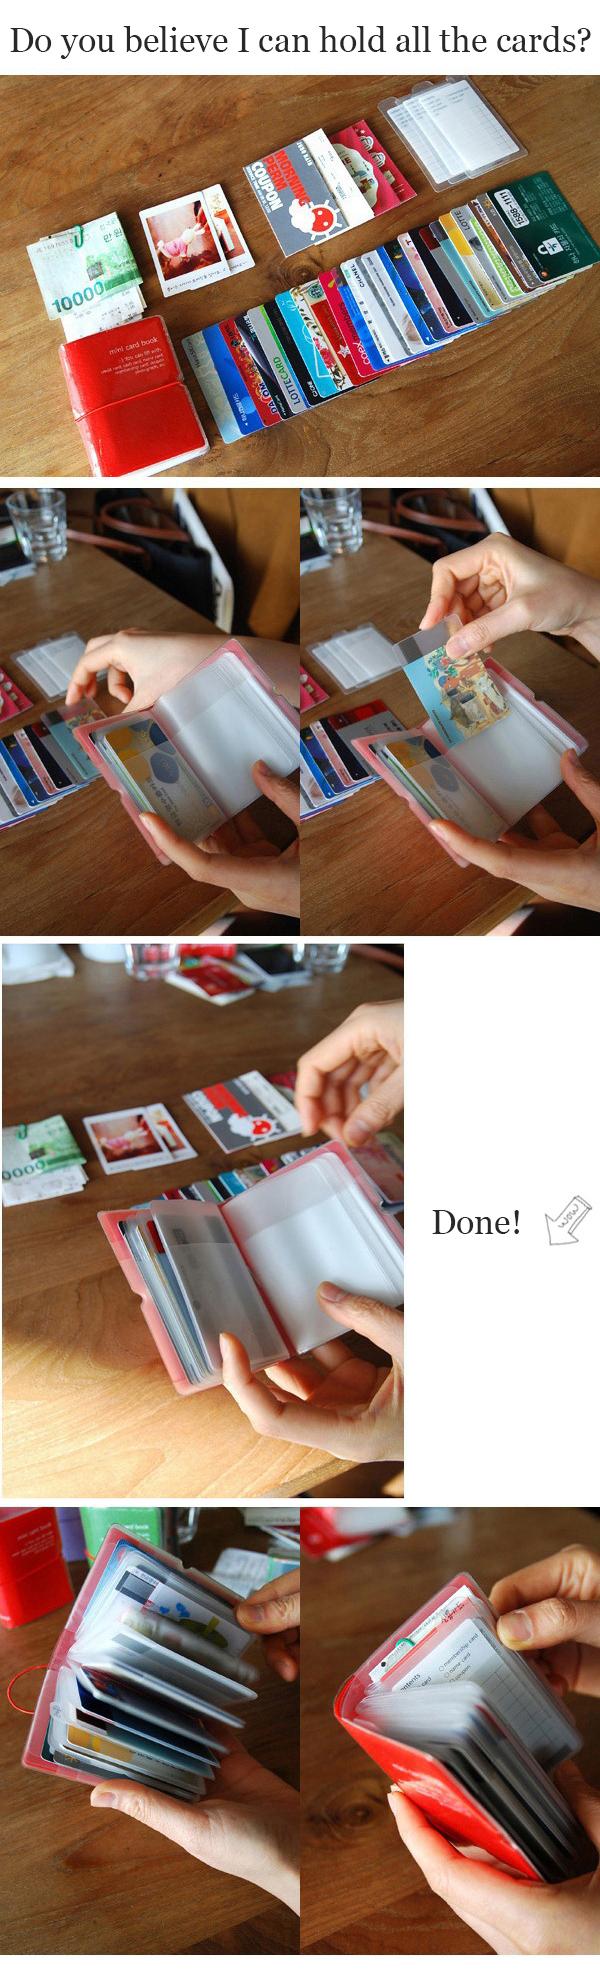 Honana HN-PB3 12 Colors Credit Card Holder 32 Card Slots Card Wallet